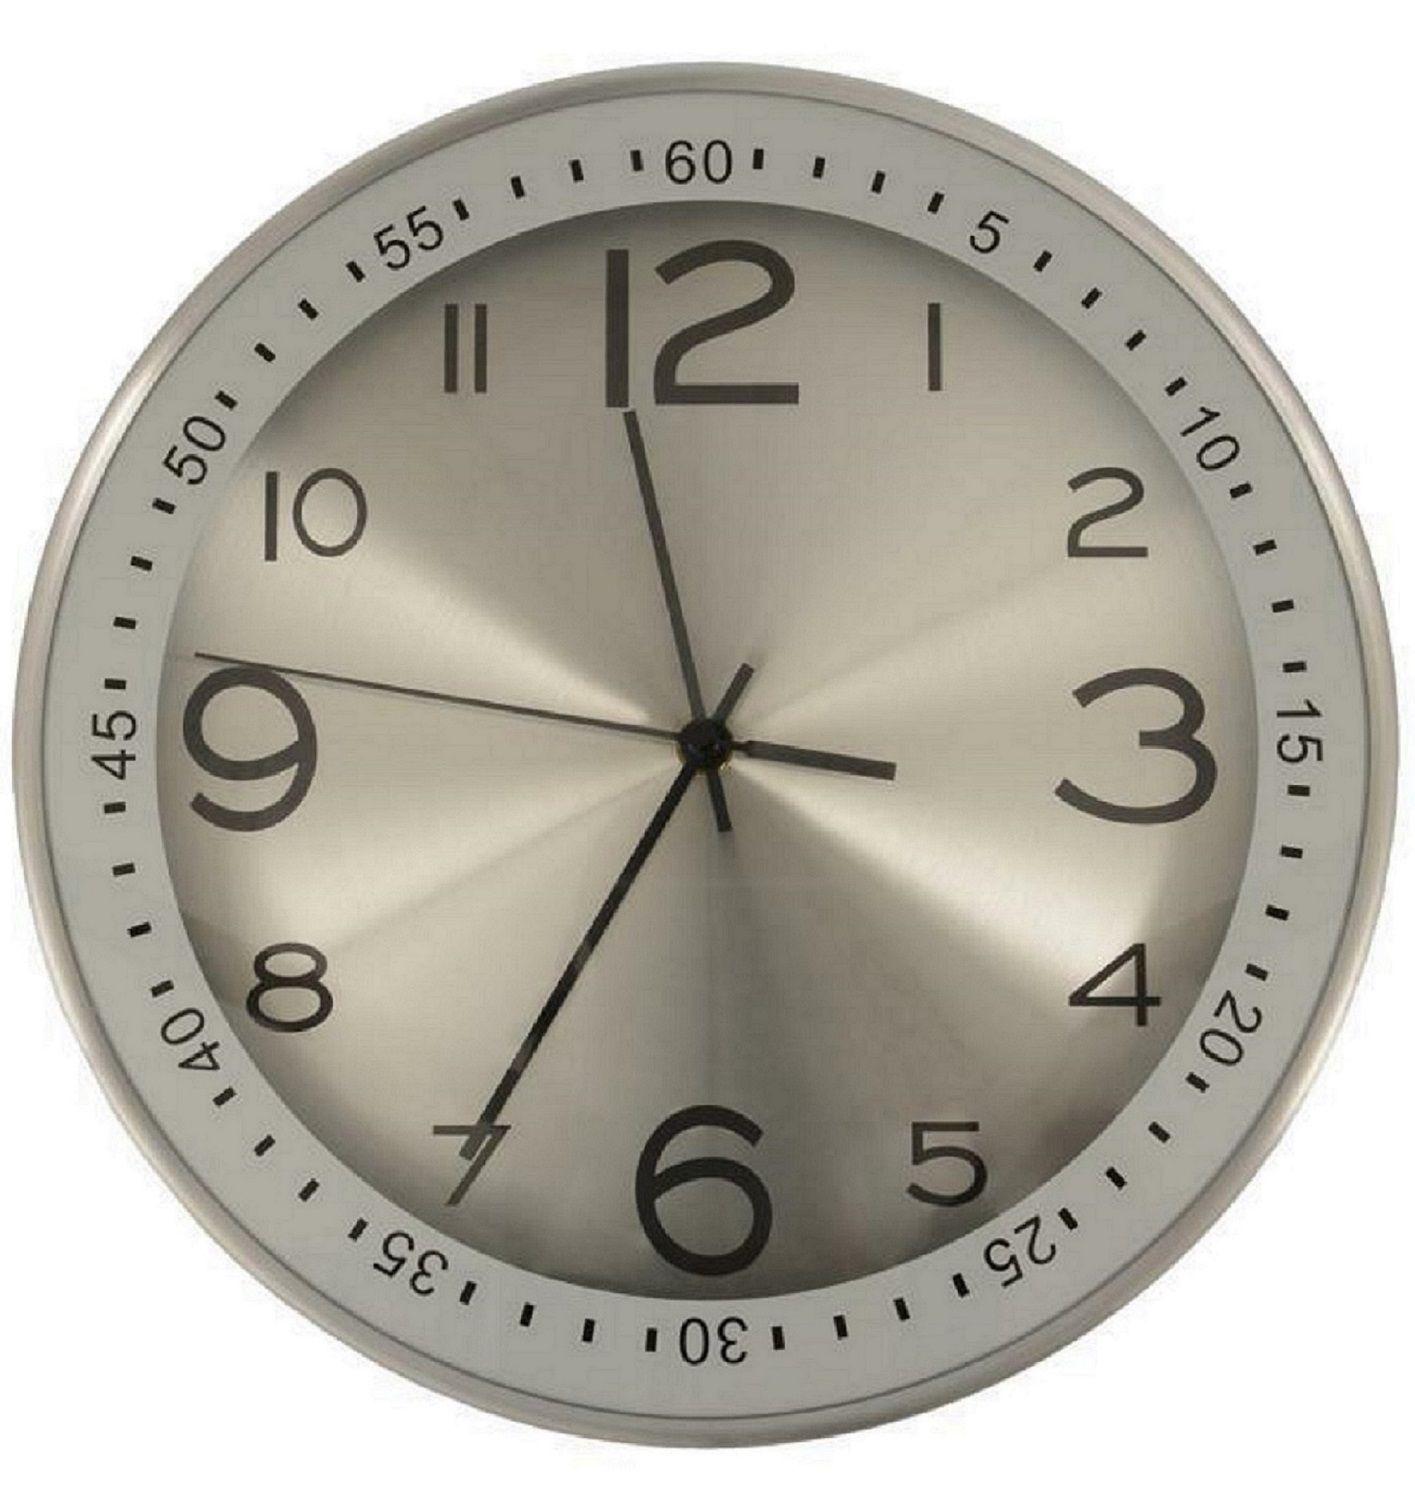 Nástěnné analogové hodiny Modern, 30 cm, stříbrné Methodo